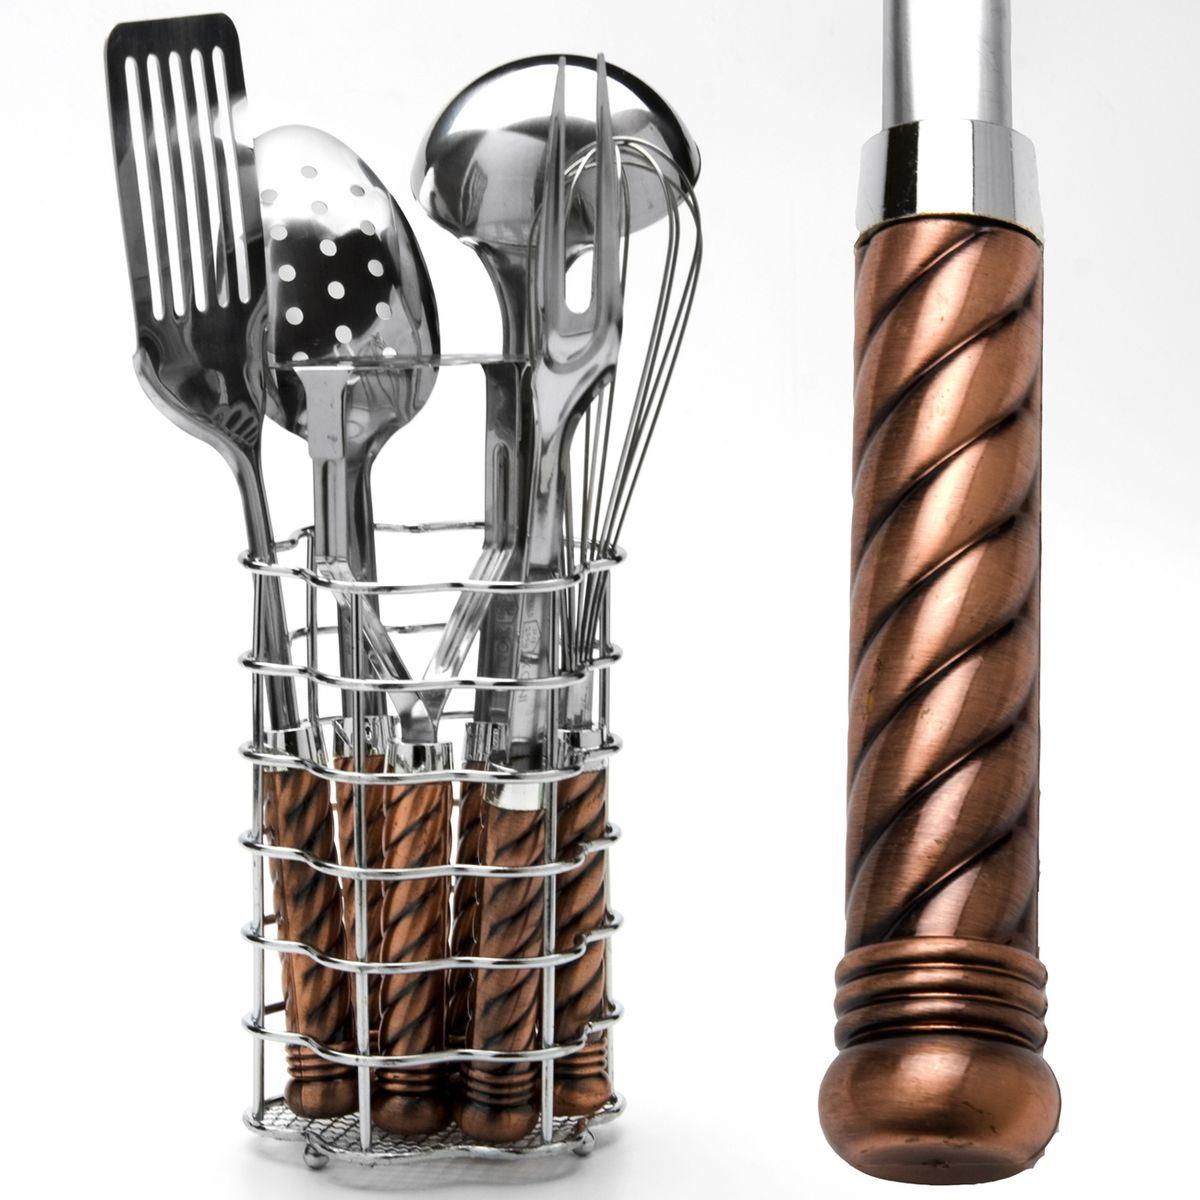 Набор кухонных принадлежностей Mayer & Boch, 7 предметов. 36753675Набор кухонных принадлежностей Mayer & Boch состоит извенчика, вилки кулинарной, половника, шумовки,лопатки кулинарной, пресса для картофеля и металлическойподставки. Предметы набора выполнены извысококачественной нержавеющей стали 18/10 и оснащеныэргономичными пластиковыми ручками. Эксклюзивный дизайн, эстетичность и функциональностьнабора Mayer & Boch позволят ему занять достойное местосреди кухонного инвентаря.Длина венчика: 28,5 см.Длина вилки: 31,5 см.Длина половника: 31 см.Длина шумовки: 31 см.Длина лопатки: 32 см.Длина пресса для картофеля: 22,5 см.Размер подставки: 11,5 х 11,5 х 17,5 см.